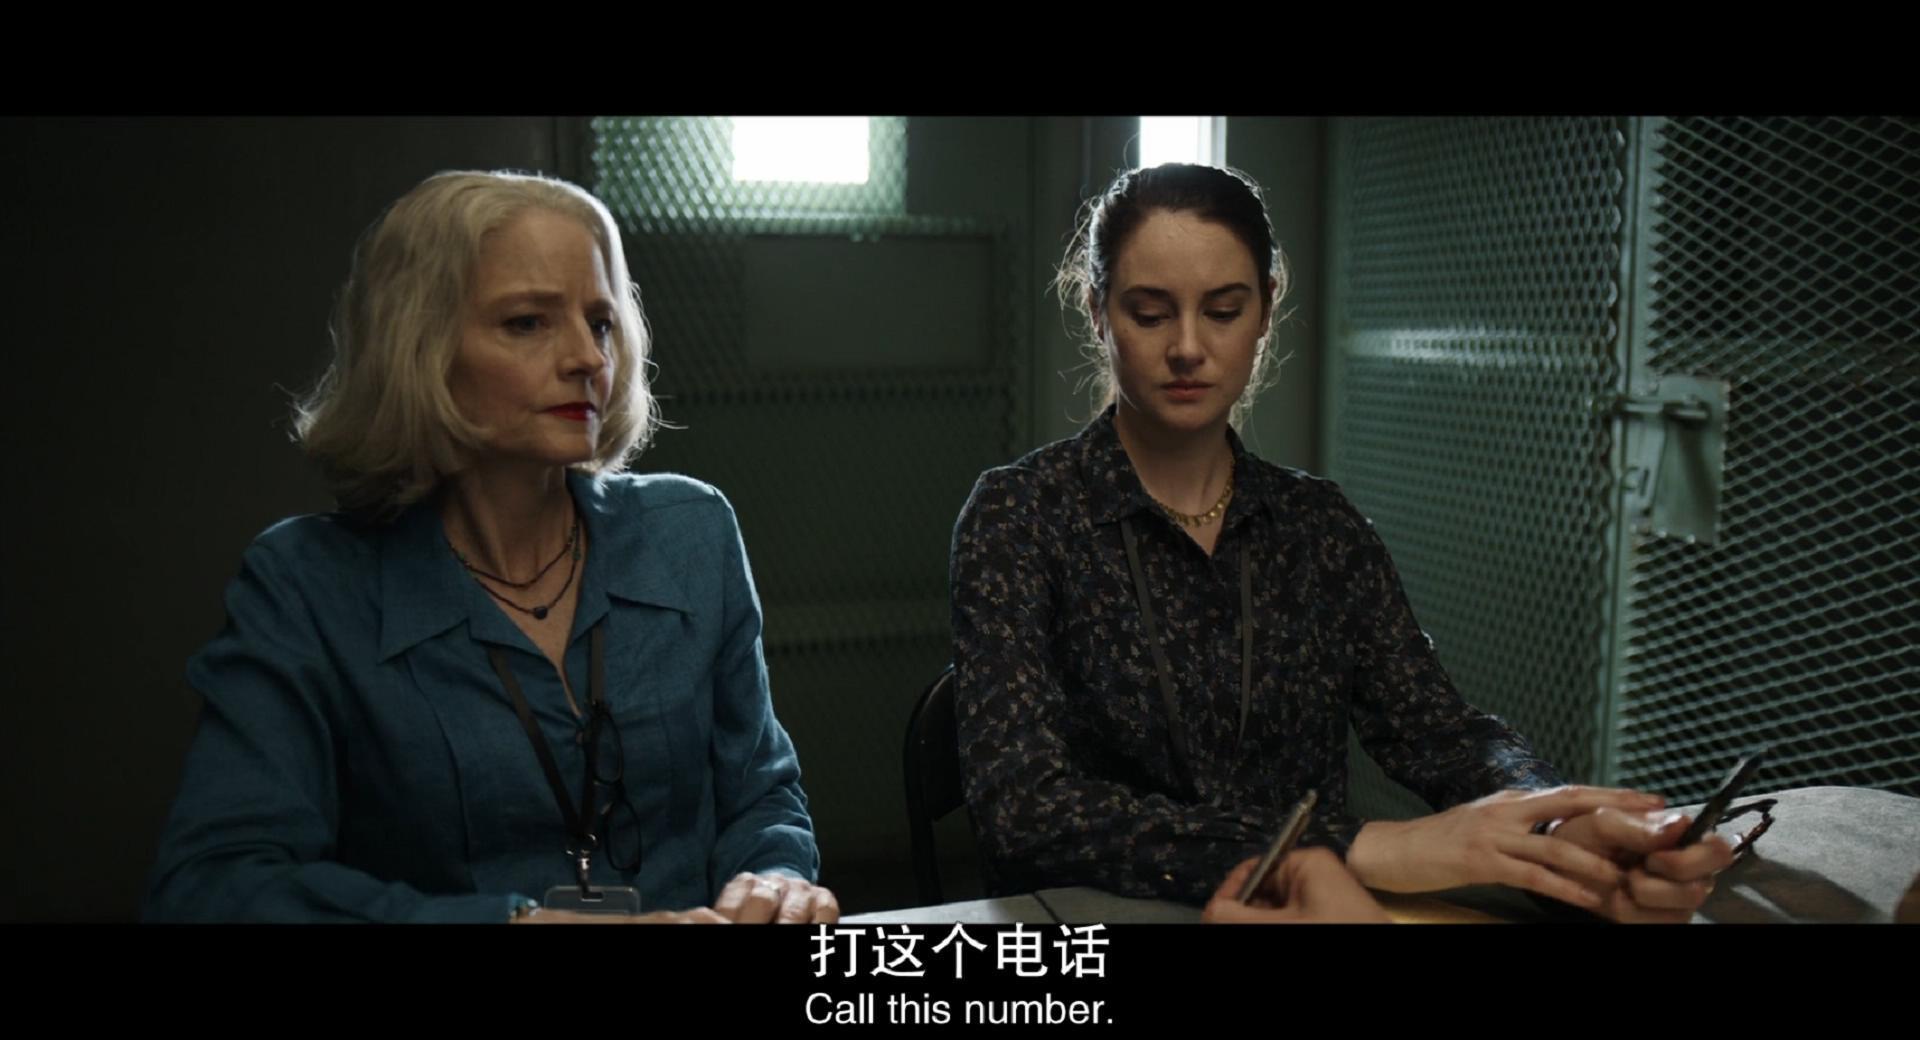 电影《诬罪审判》政治有多么的肮脏法律就有多么的邪恶 (5)